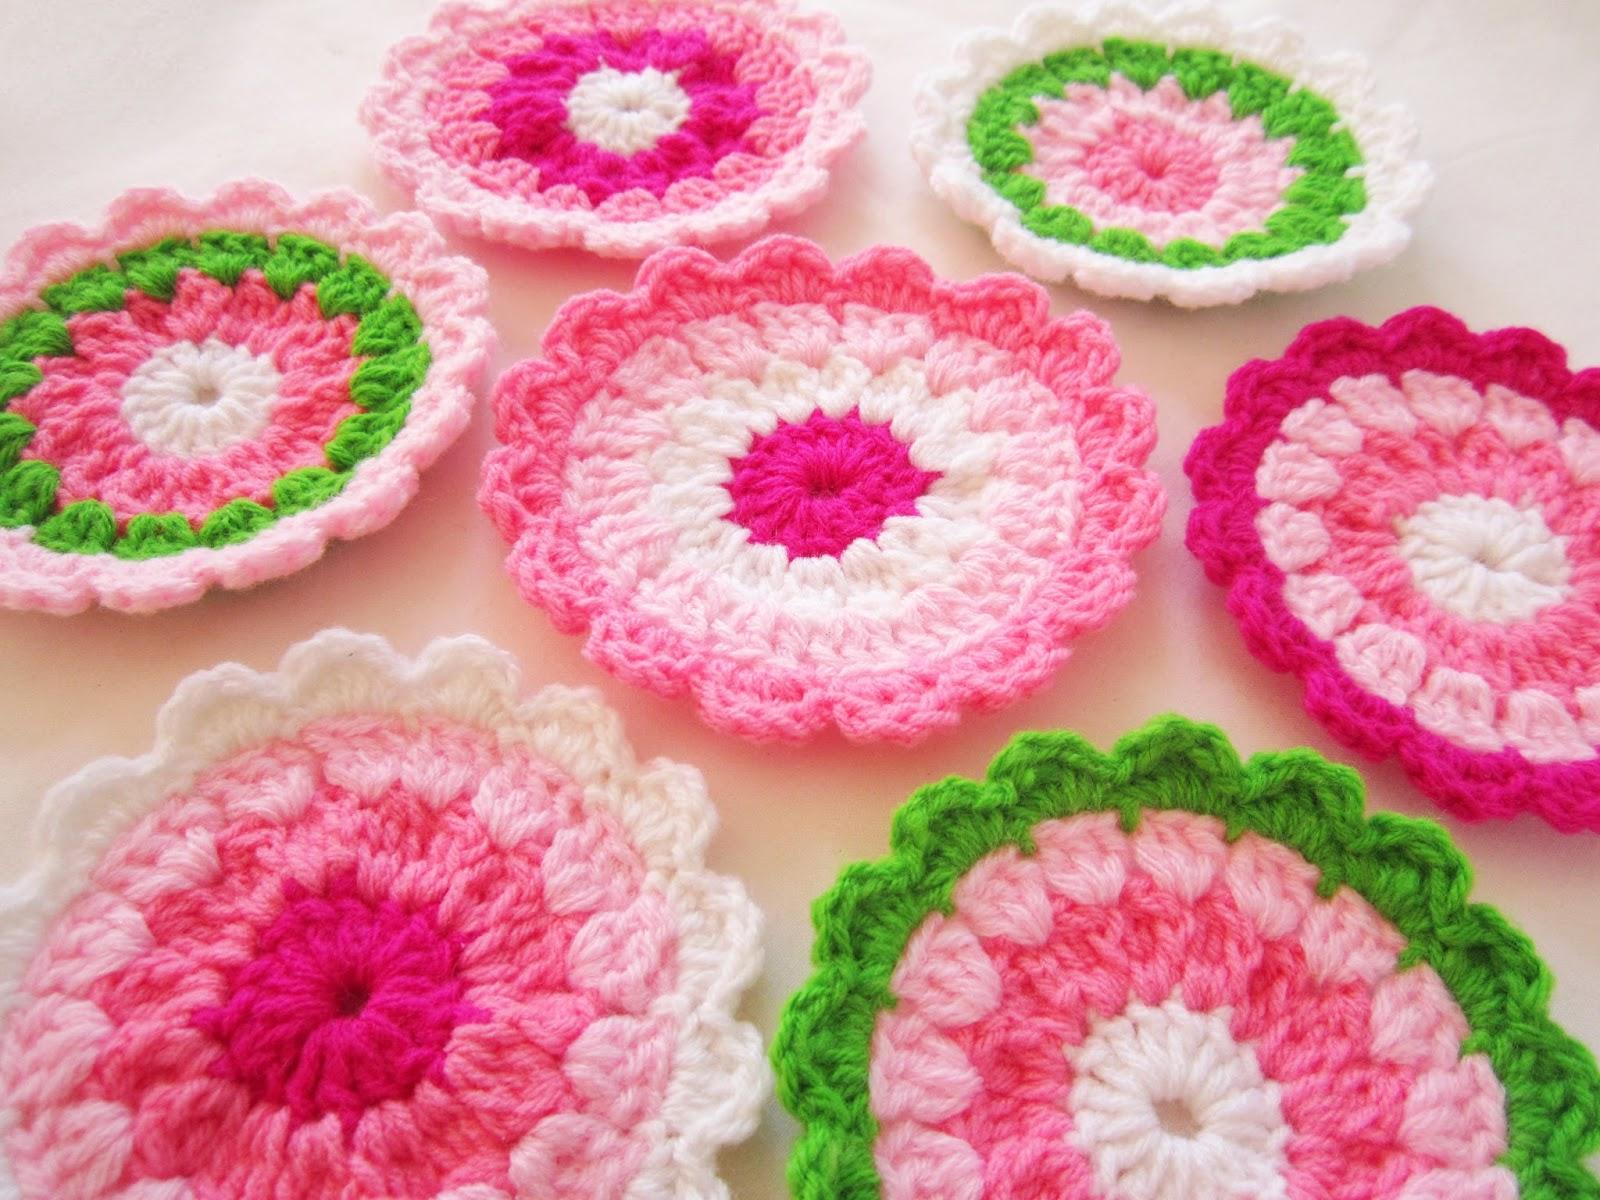 42 Crochet Coaster Patterns - The Funky Stitch